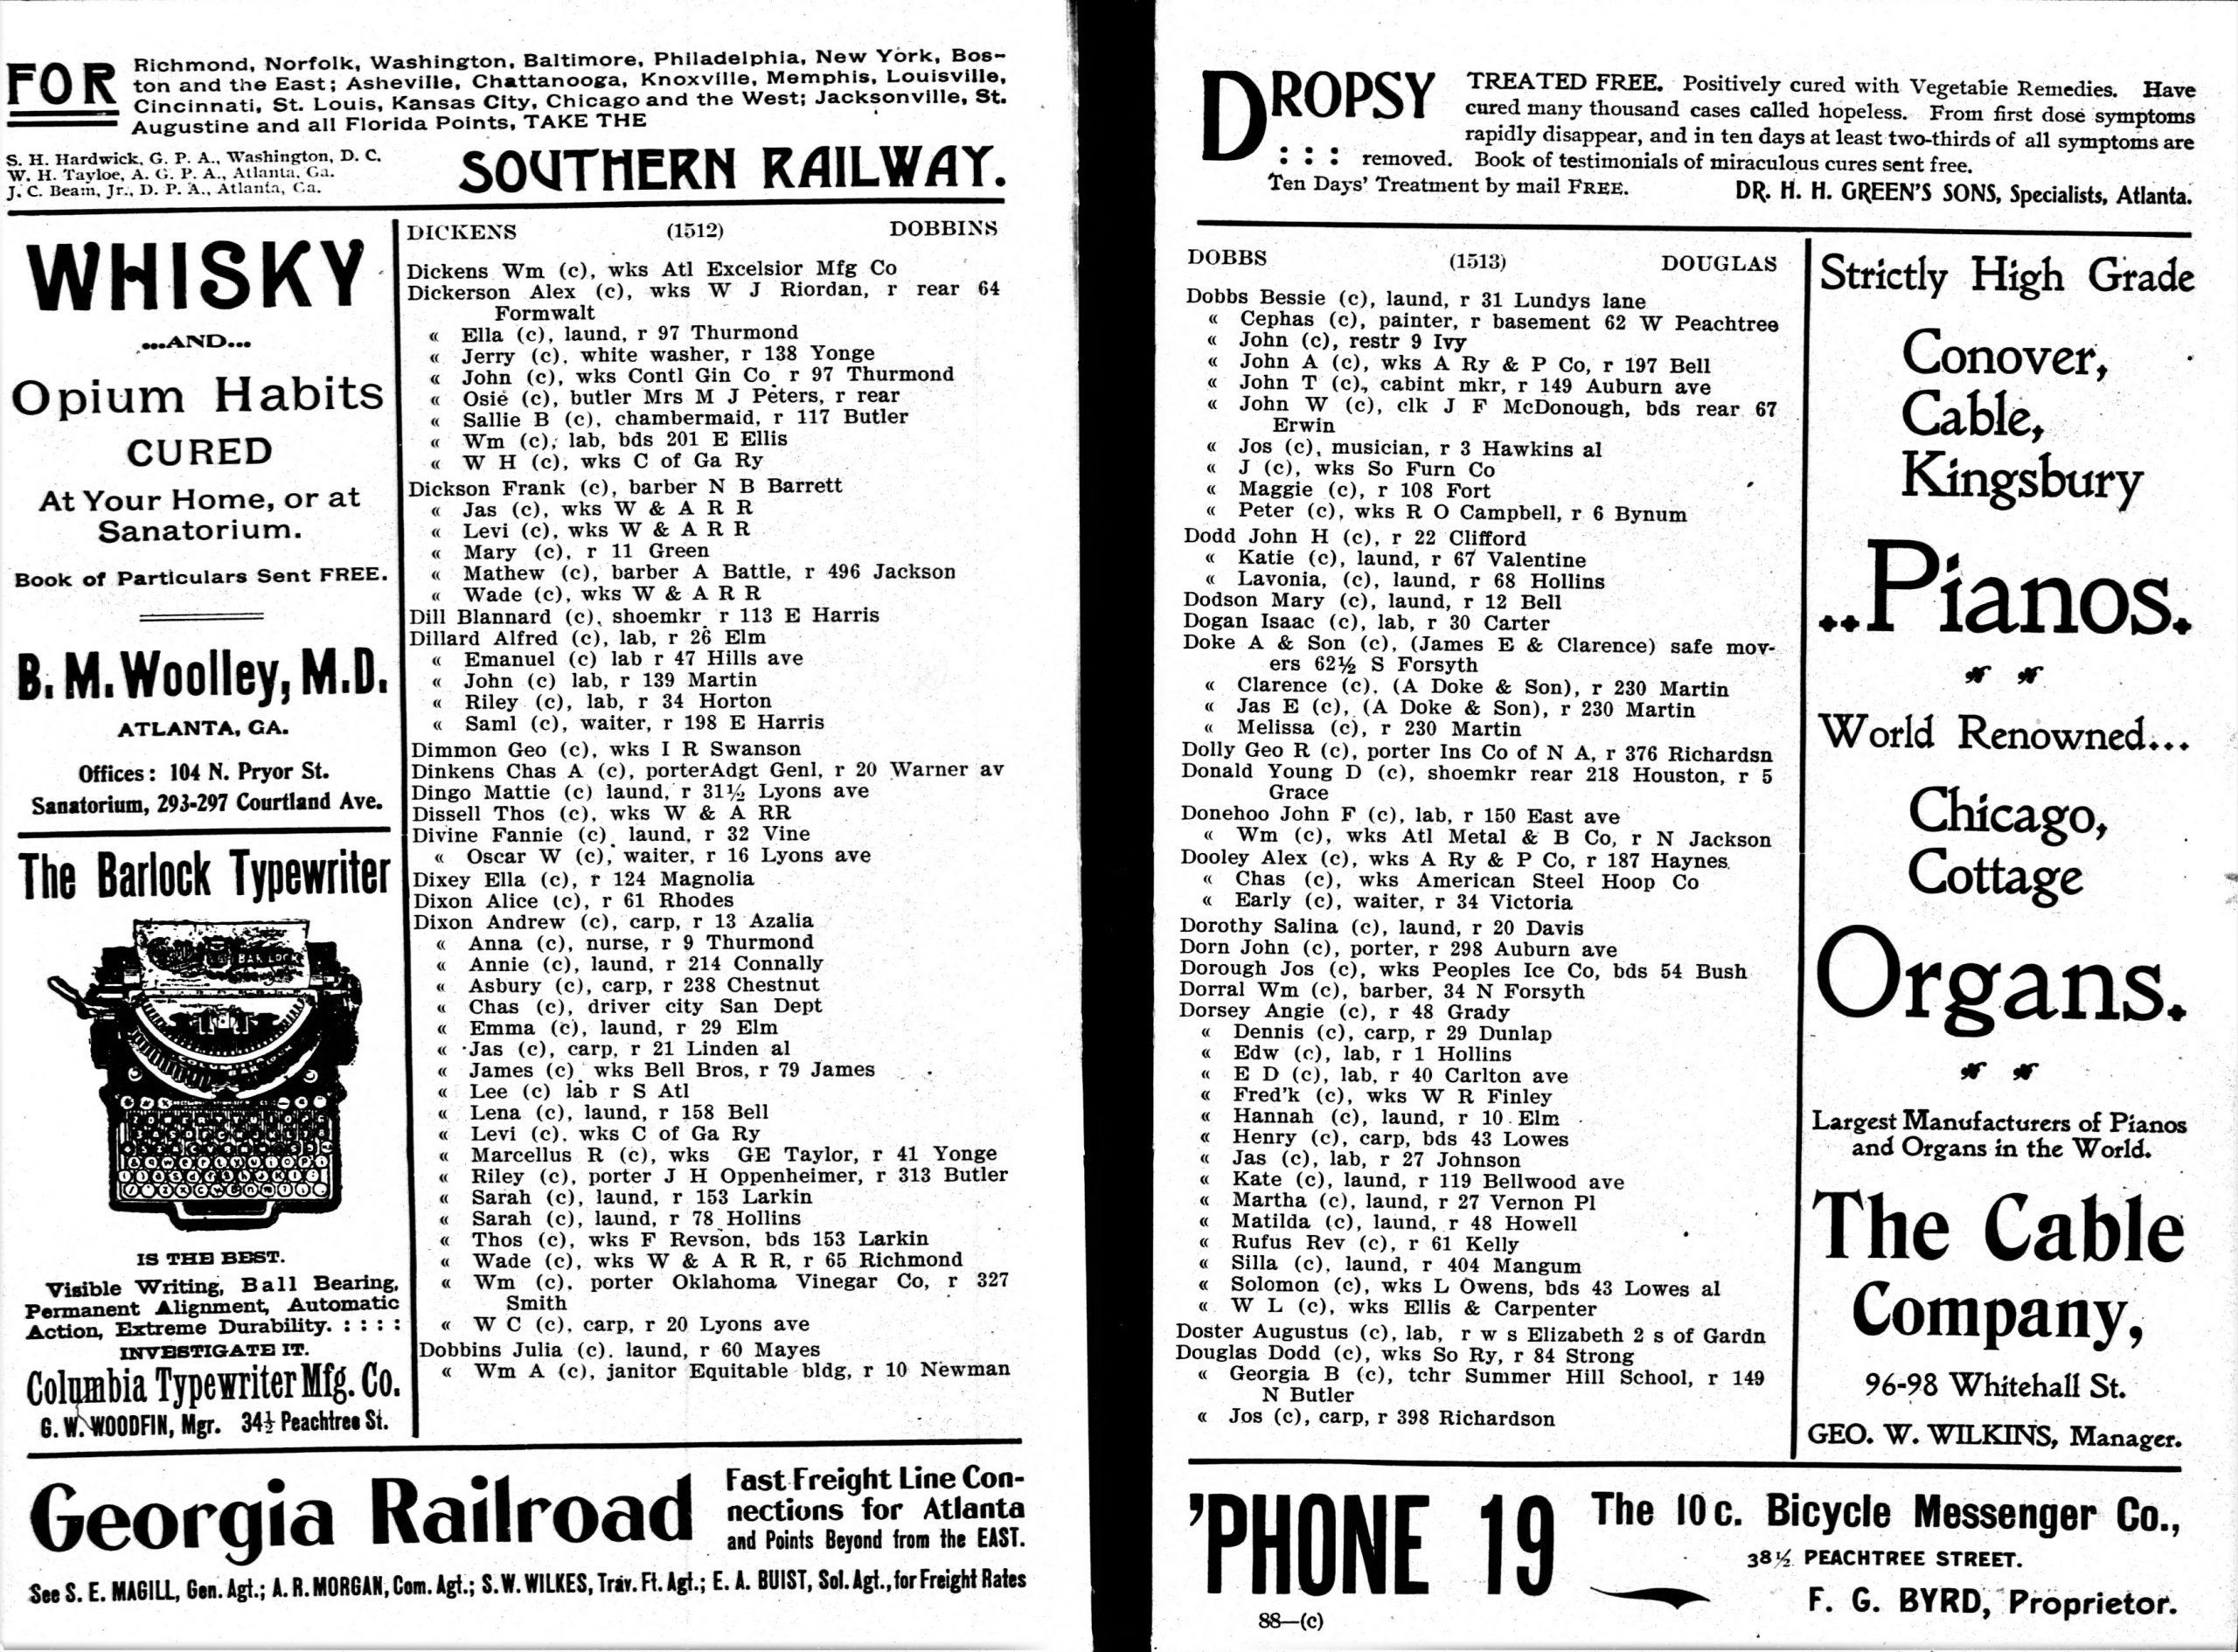 CENTRAL - CITY DIRECTORIES Atlanta City Directory, 1902 (2)